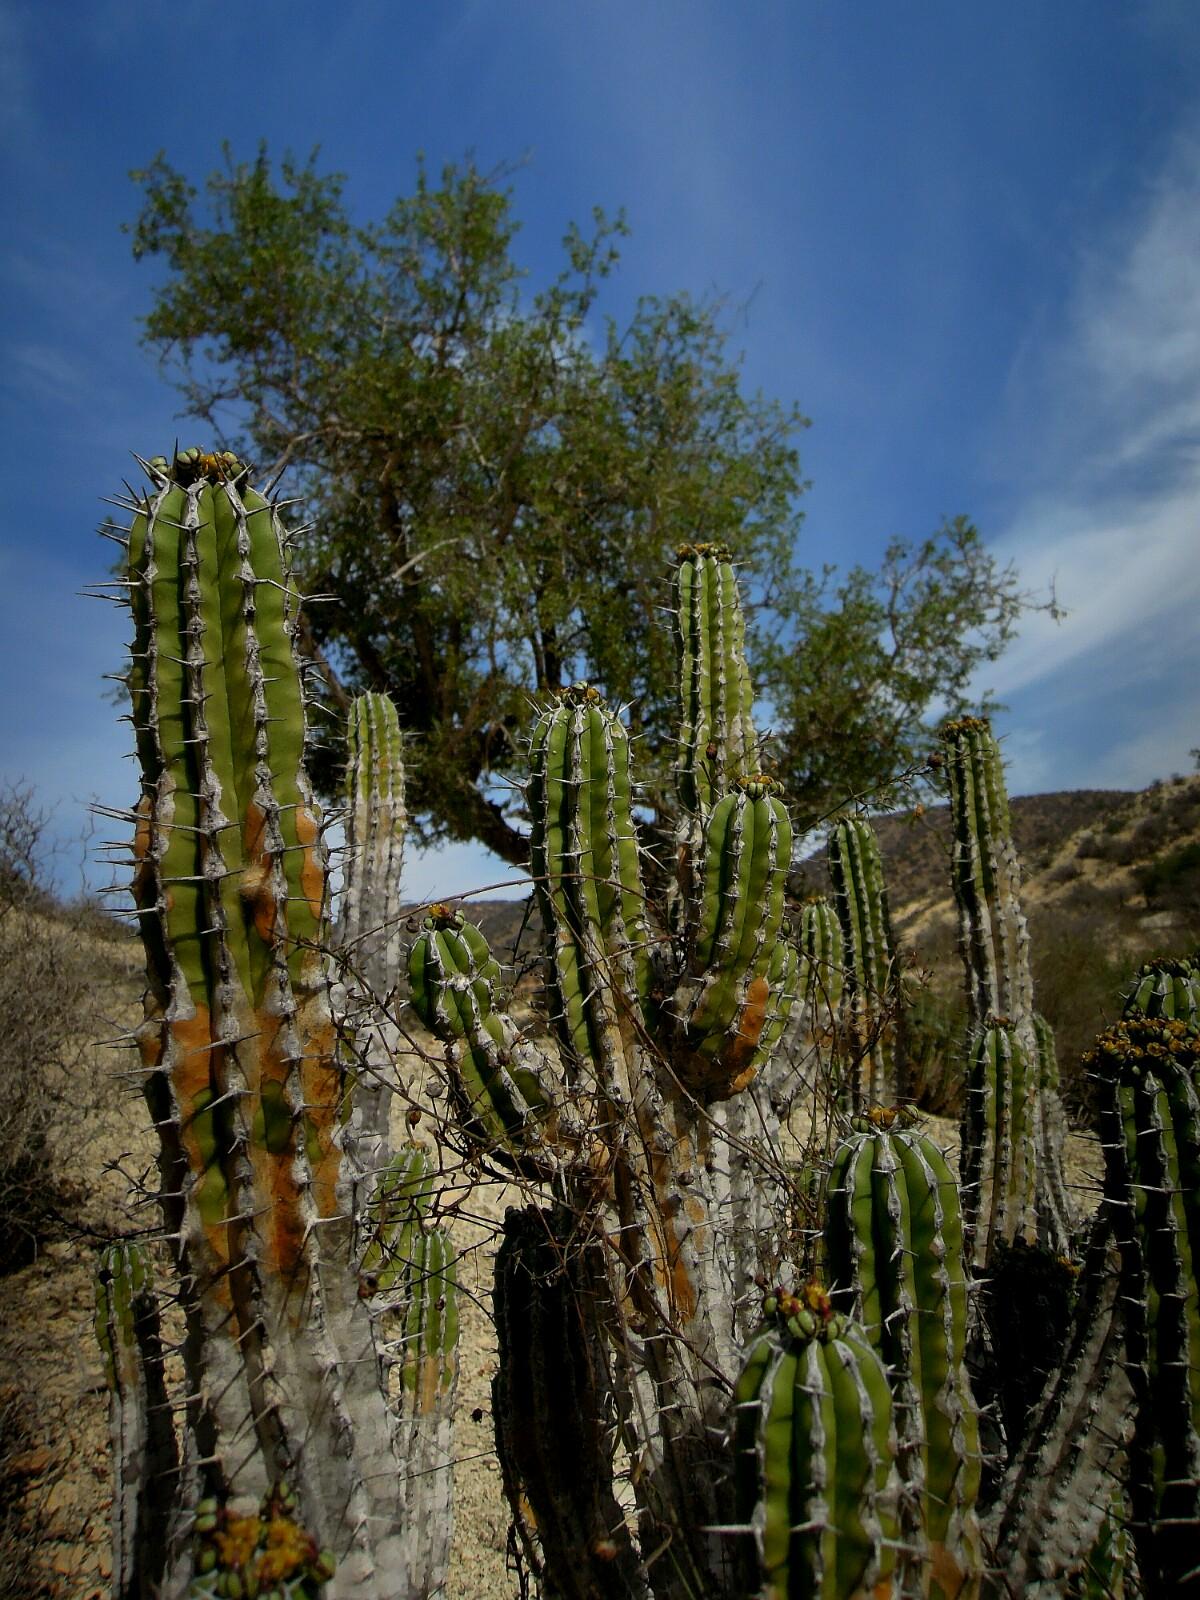 Arganbäume sind an extrem trockenes Klima angepasst - wie die Kakteen im Vordergrund.